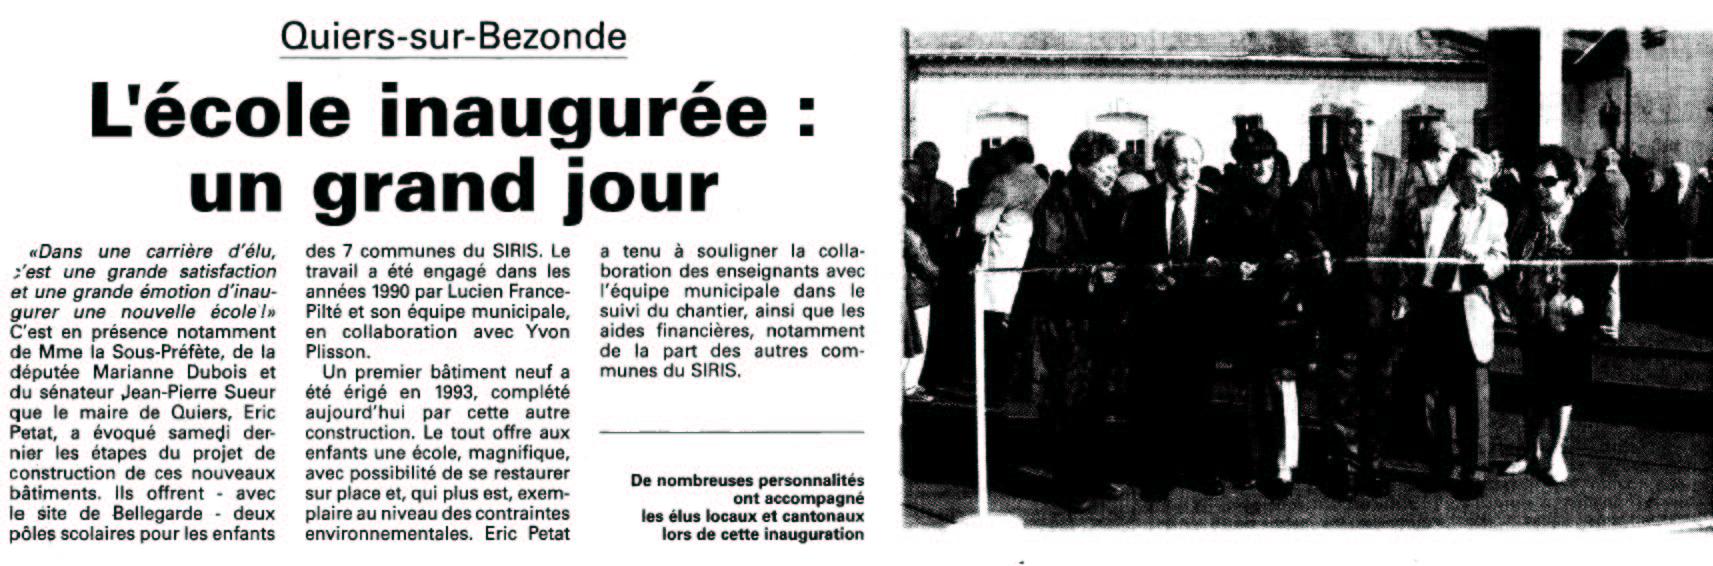 101007_Eclaireur_quiers